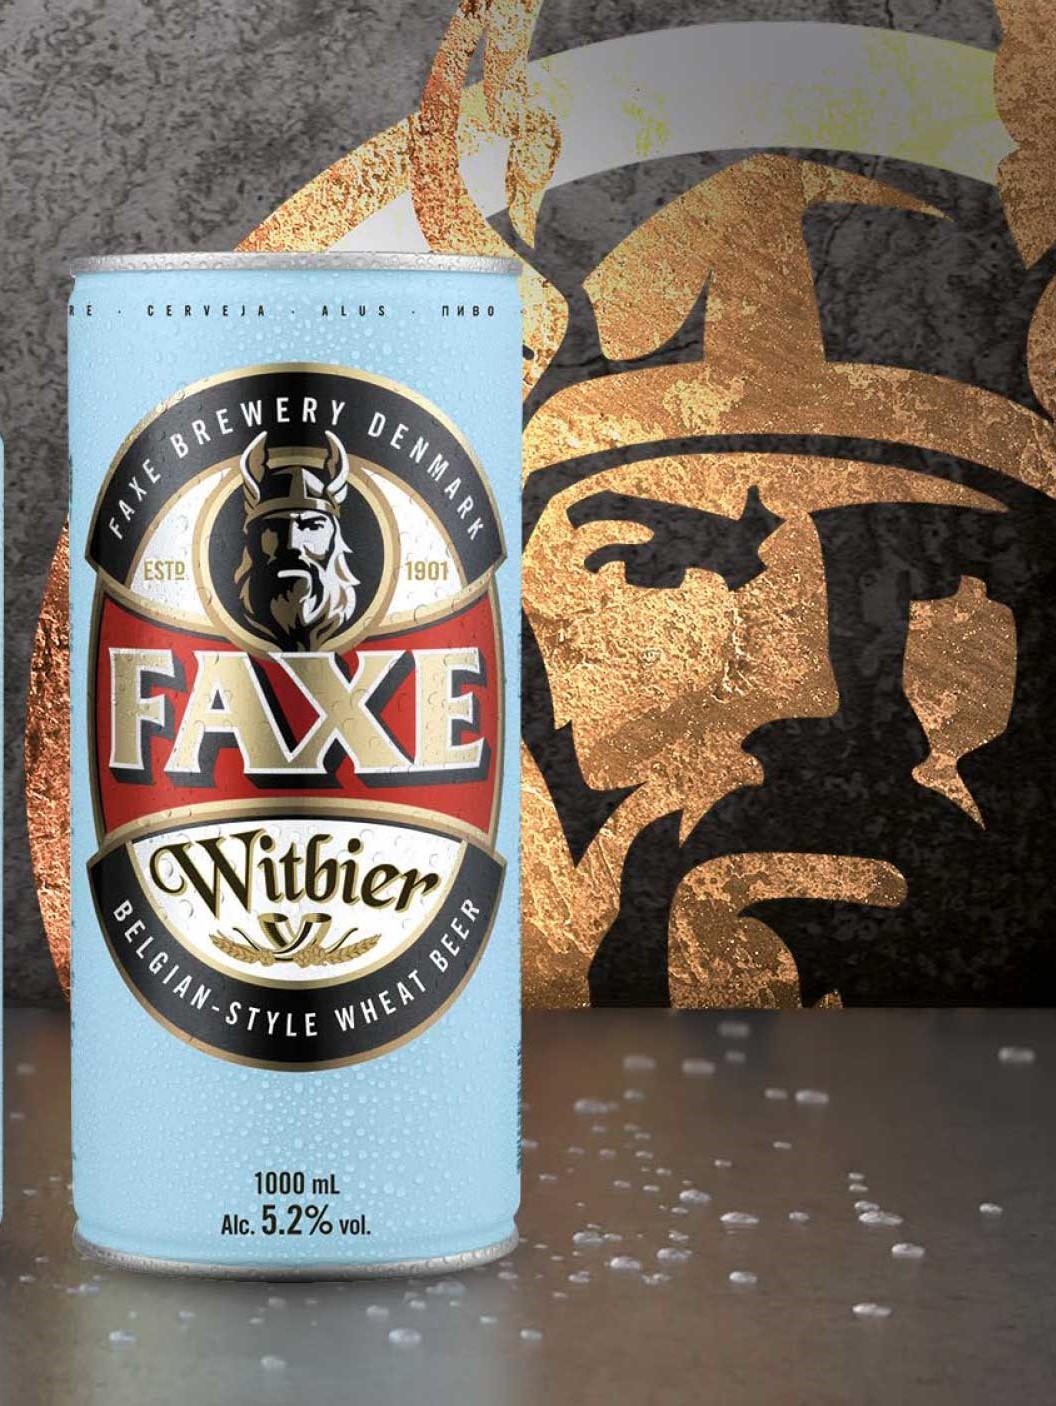 FAXE bière - la bière de blé de l'emblématique bière Viking